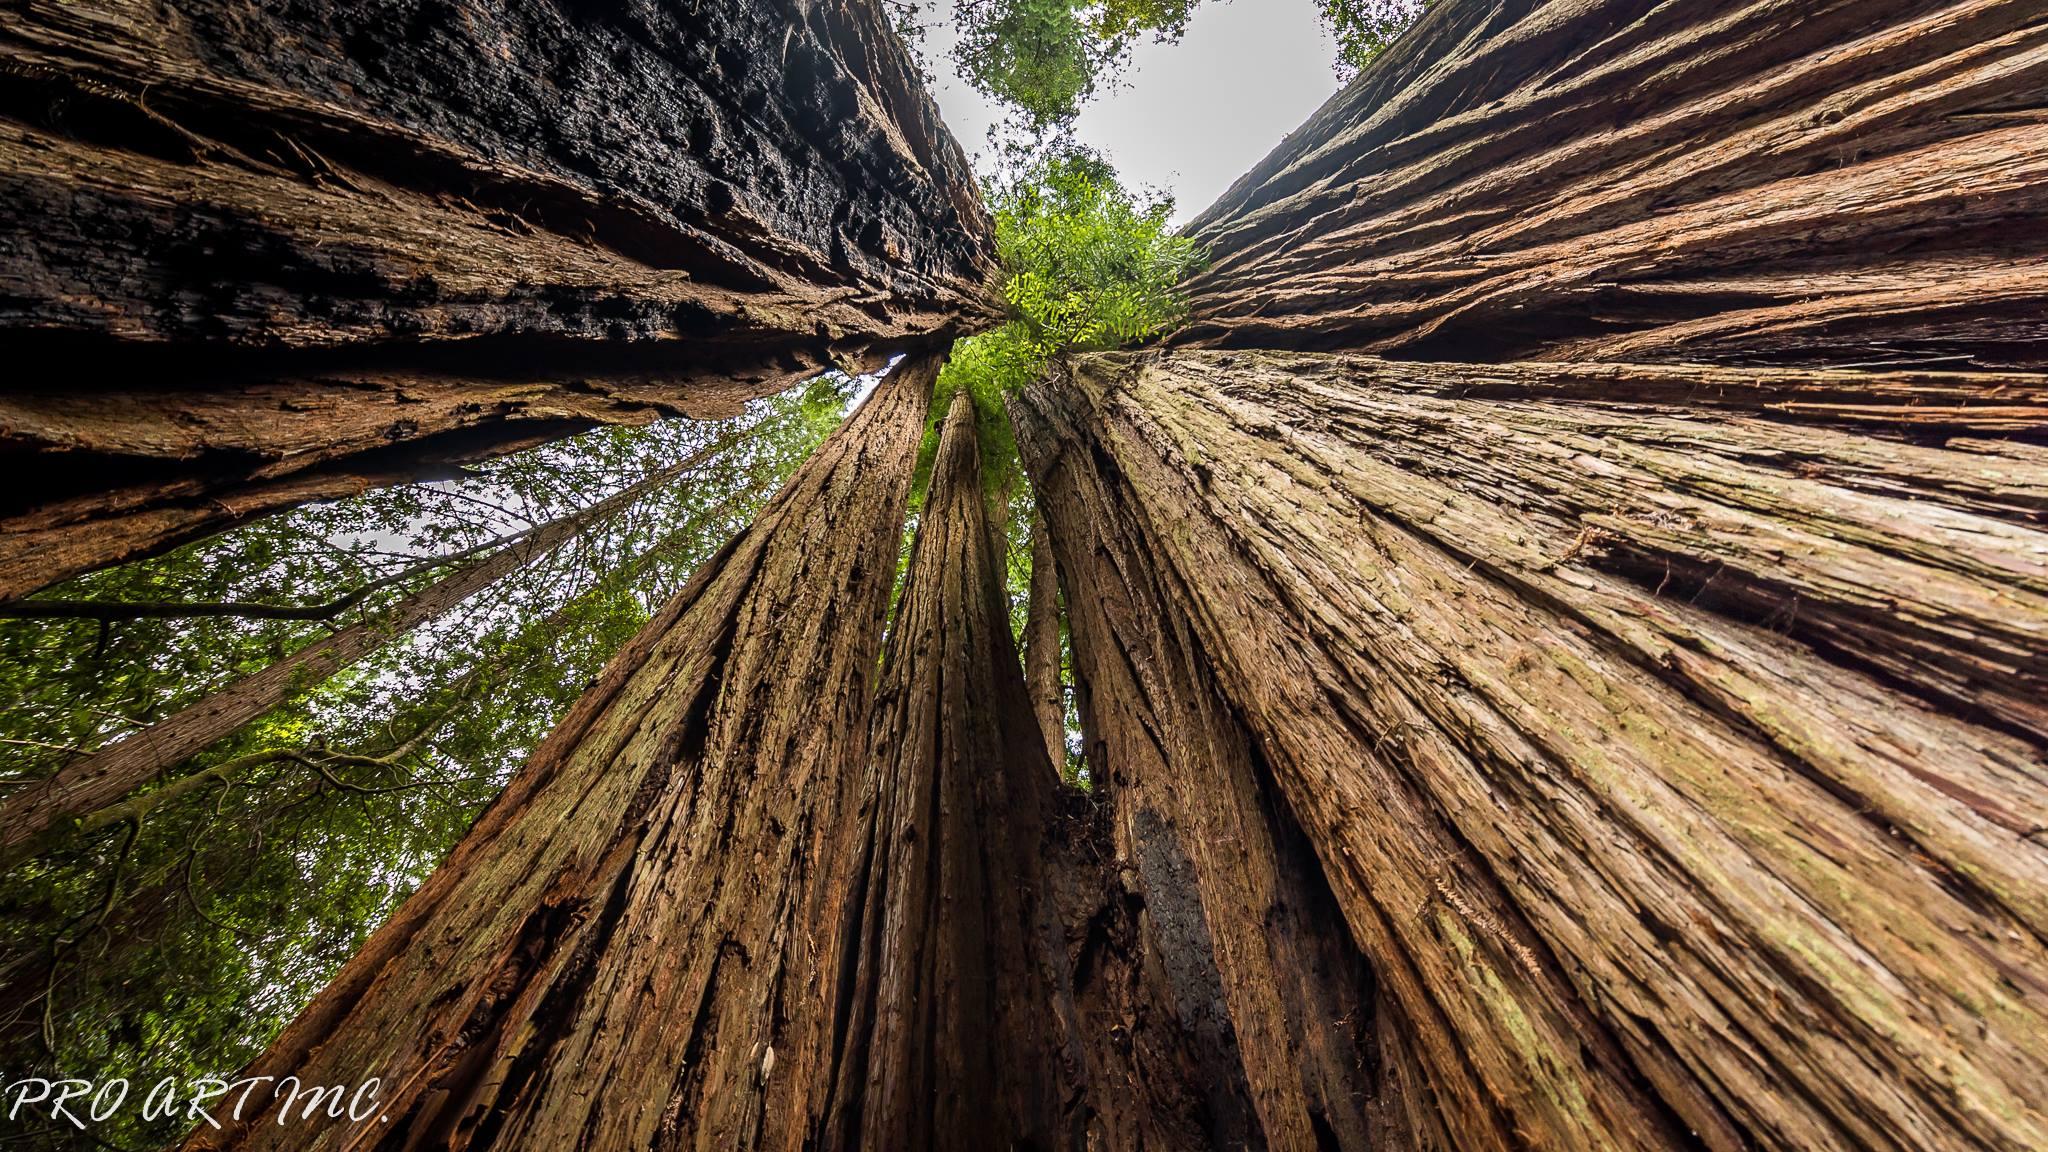 Tall Trees Grove Trail Redwood ProArtInc 2048x1152